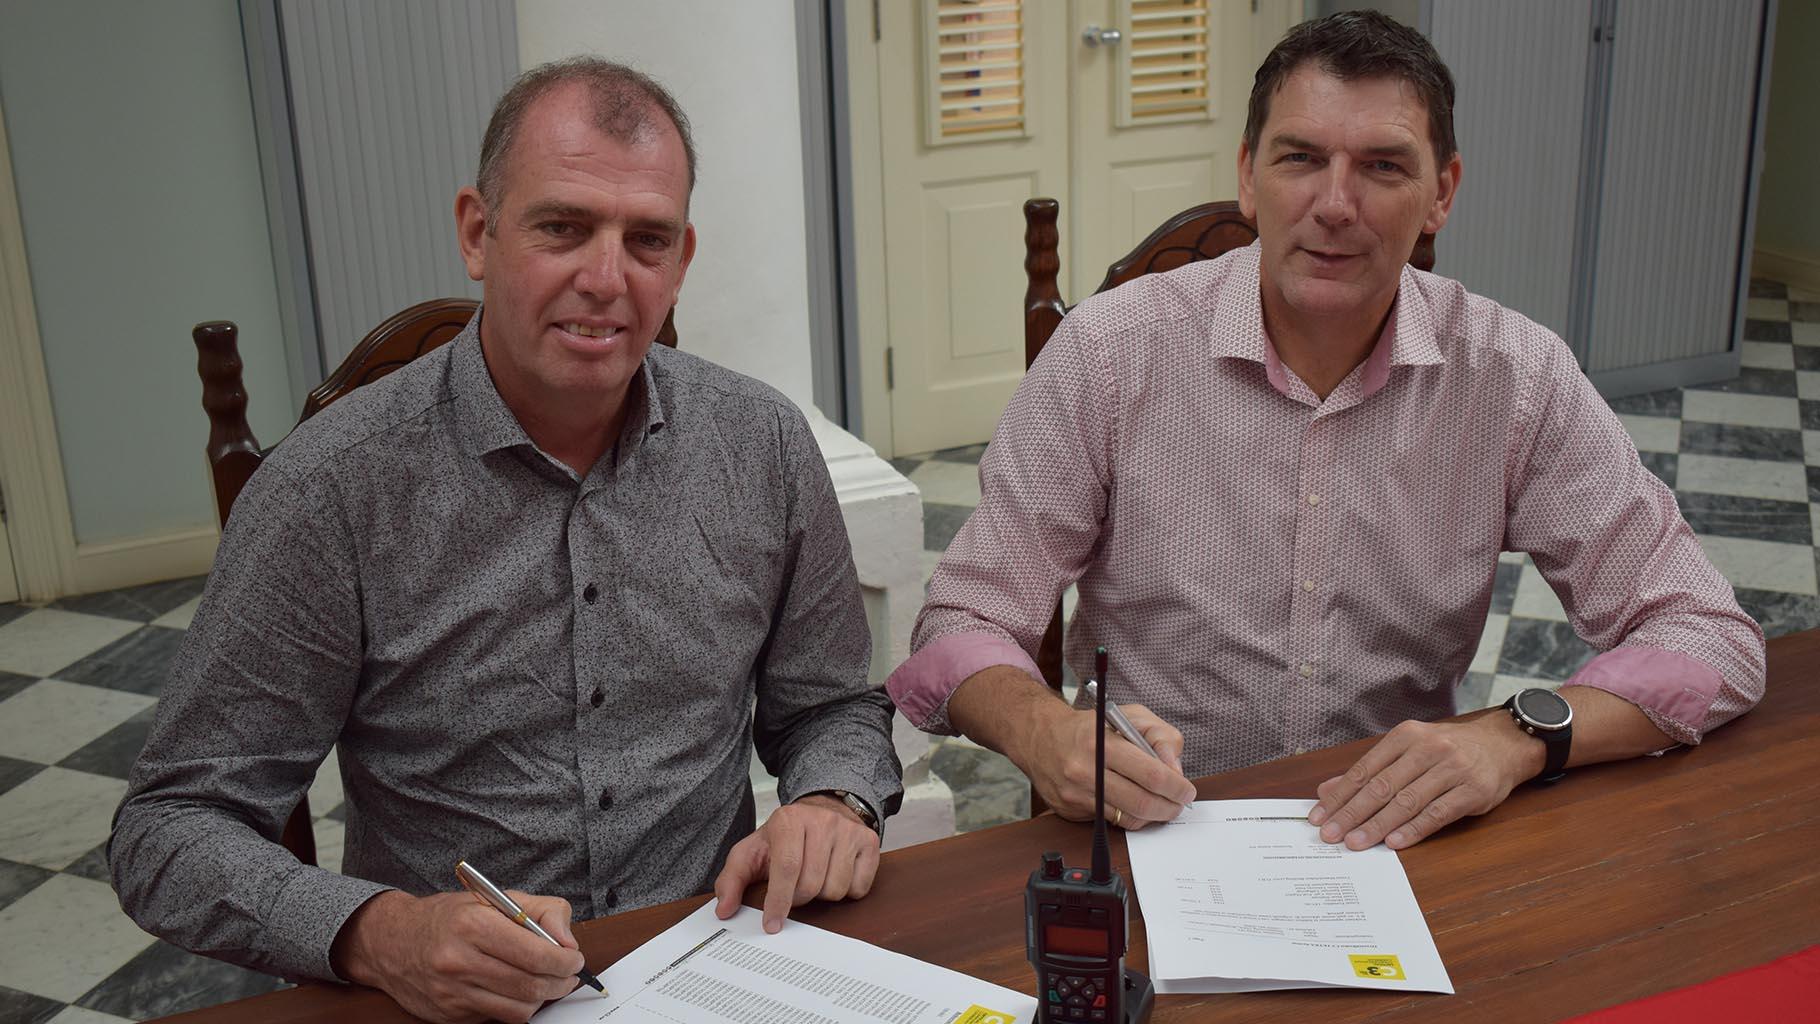 Bert Schreuders (links), Managing Director, C3 Caribbean en Paul de Kloet (rechts), Managing Director Securitas tekenen de overeenkomst.